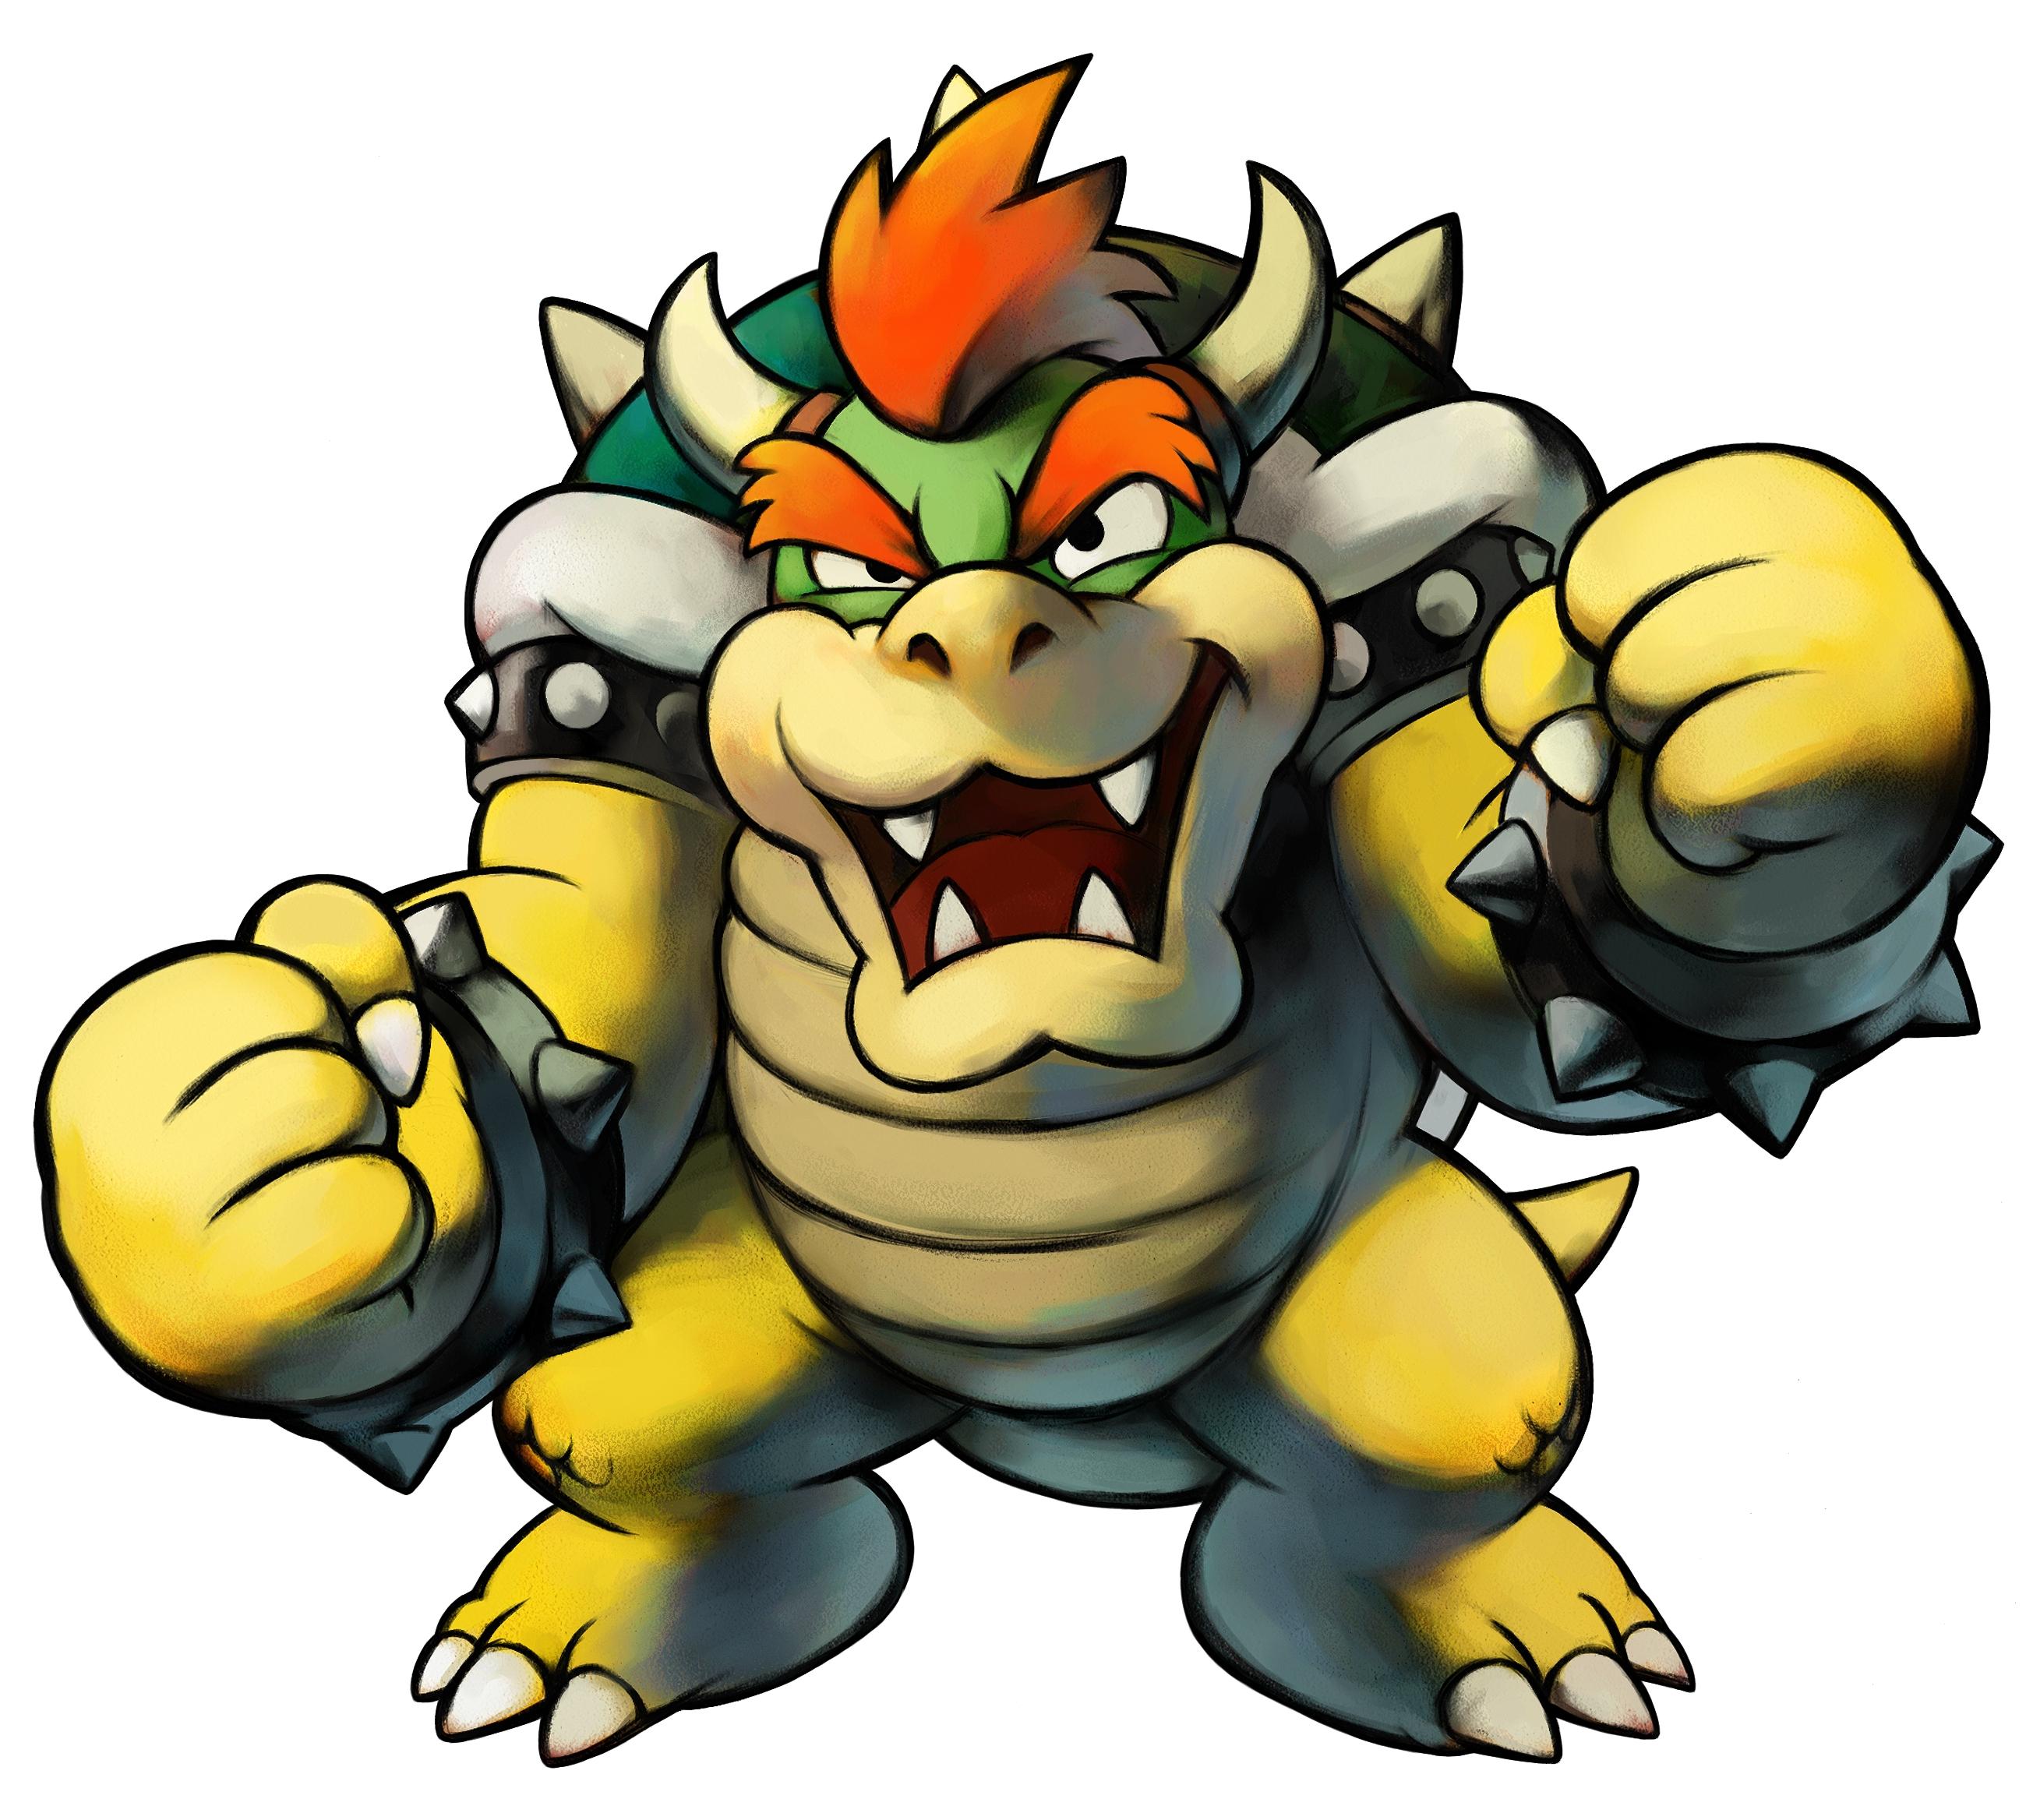 Bowser - Mario and Luigi Wiki